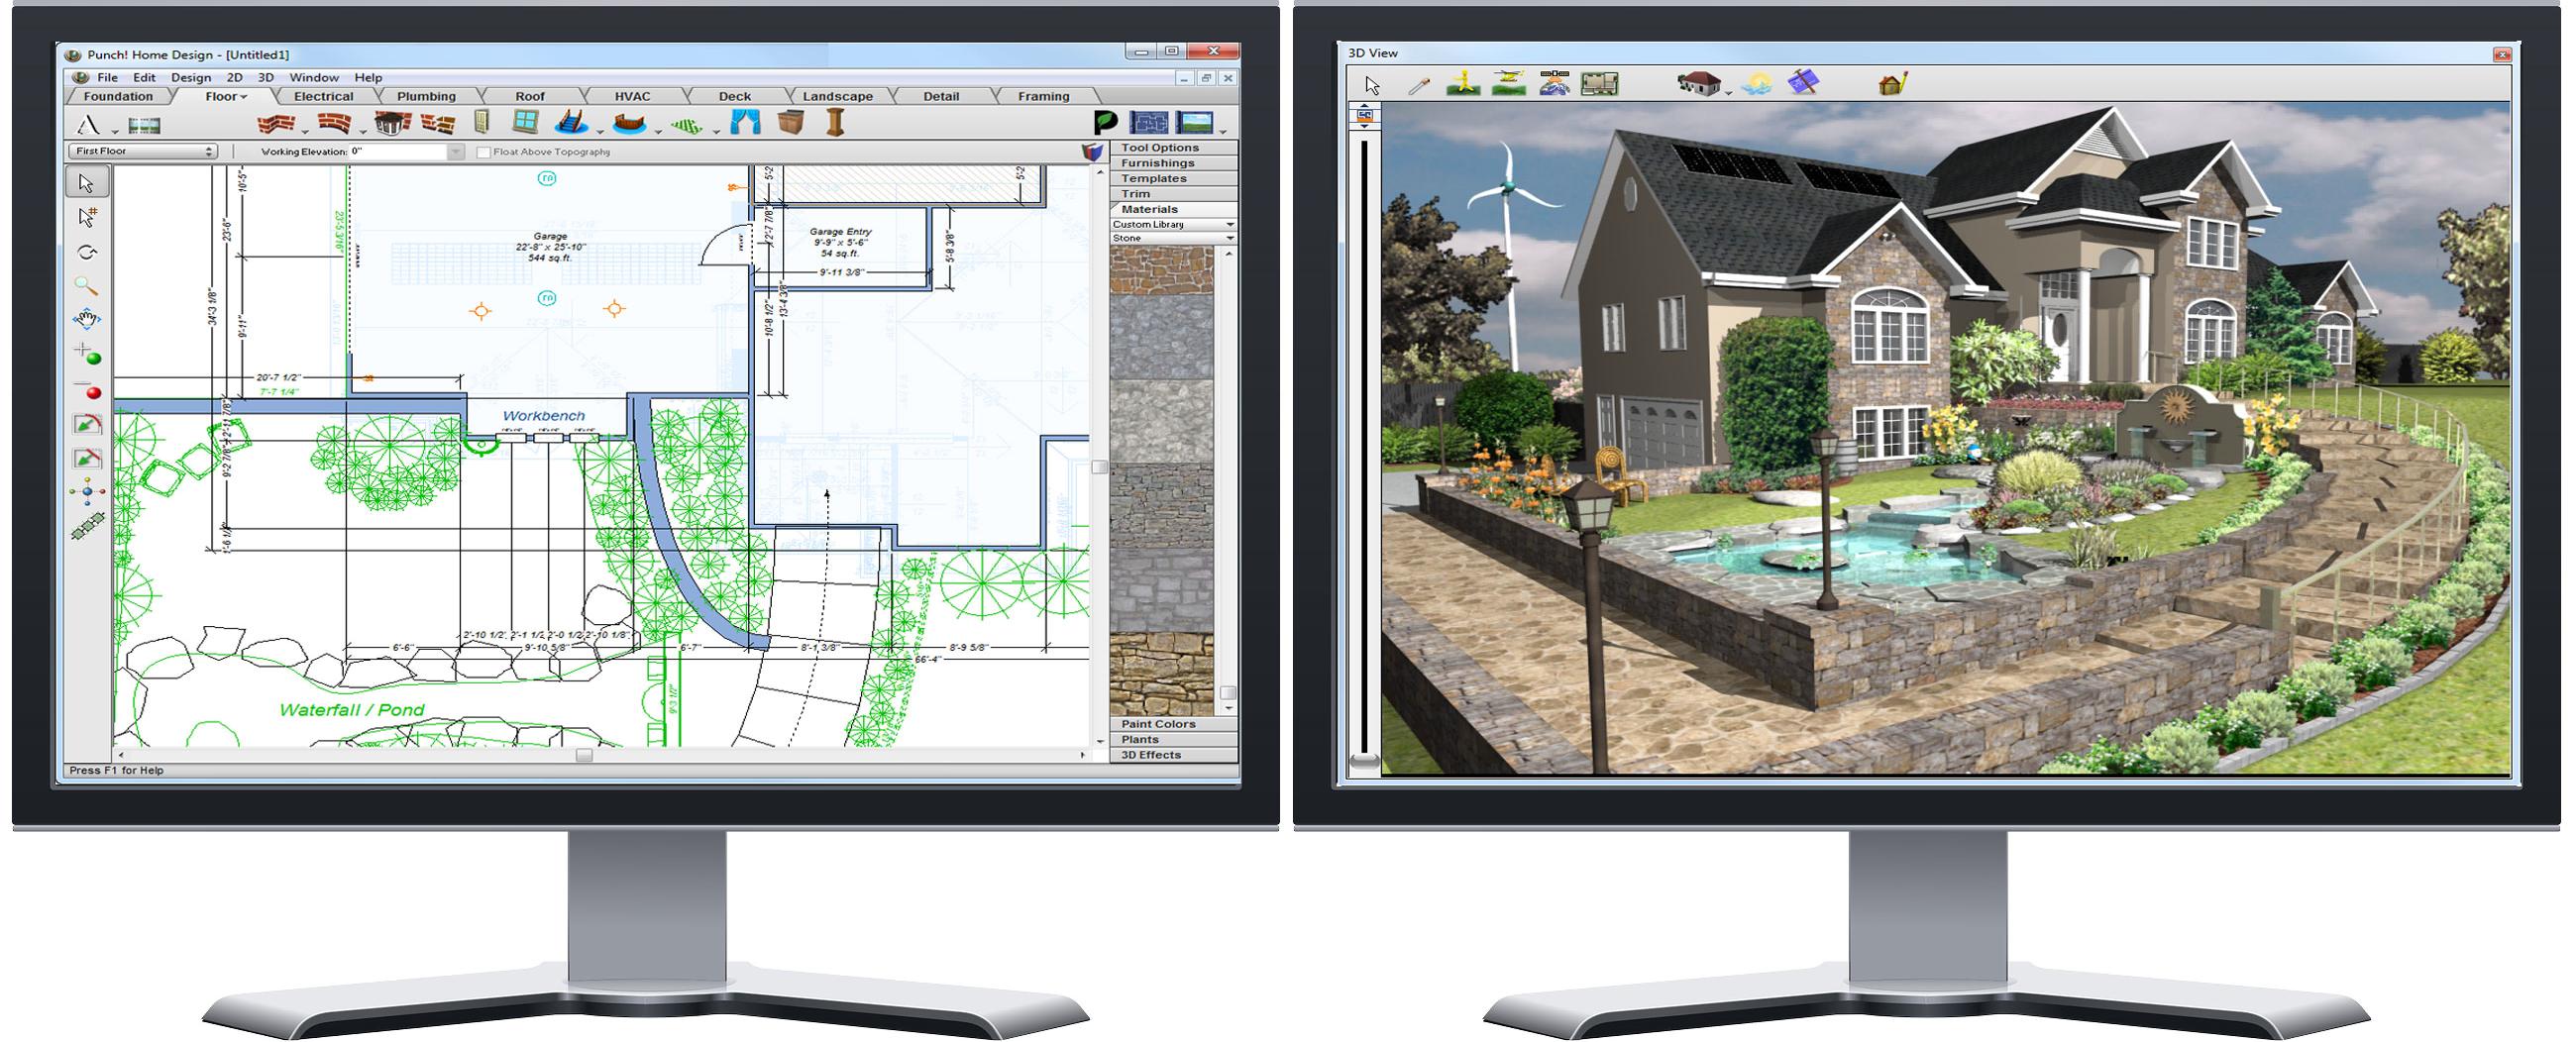 Punch home landscape design professional v17 7 - Punch software home and landscape design ...